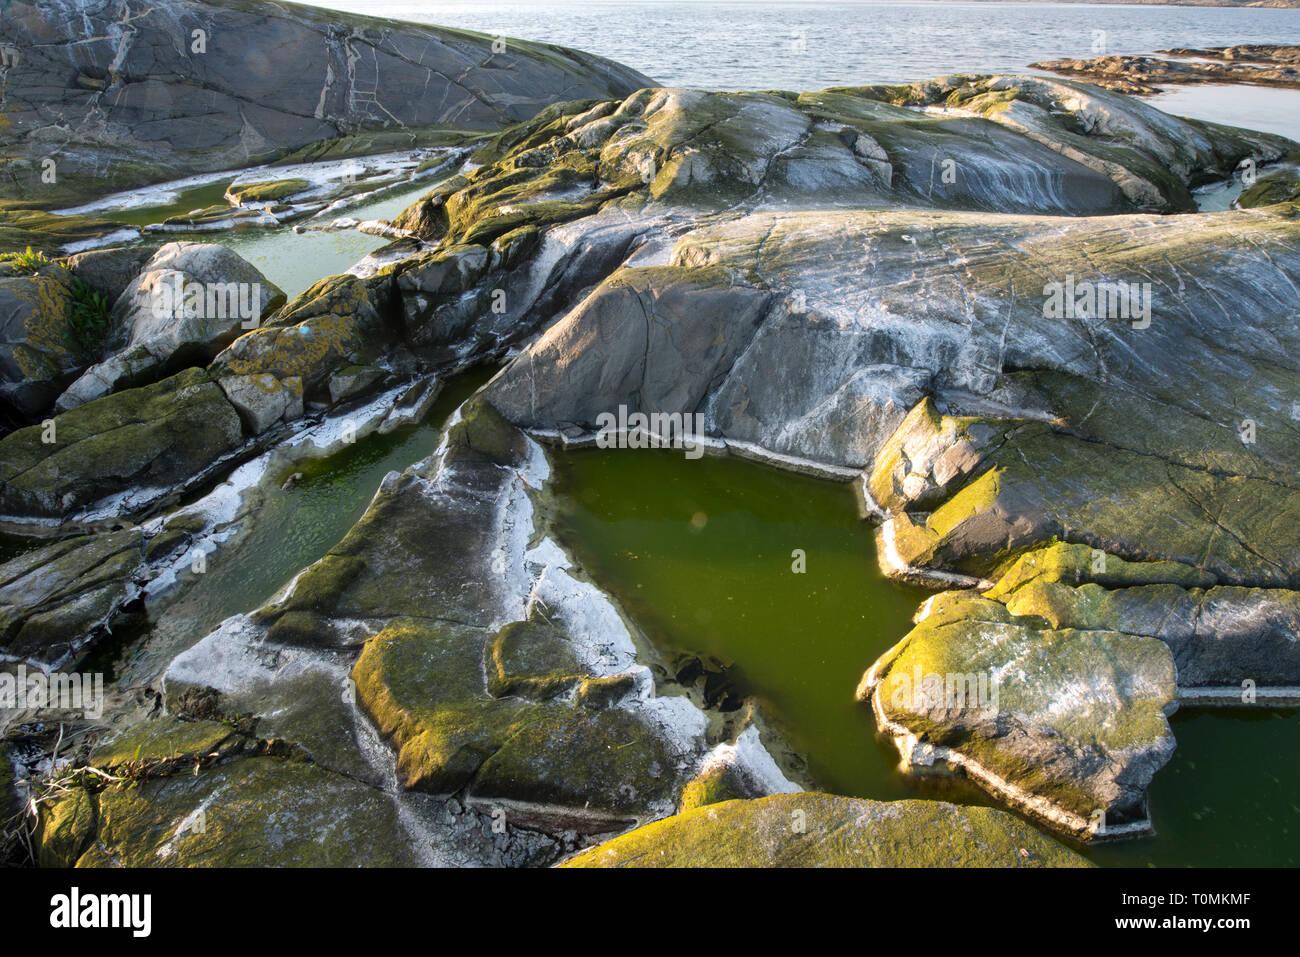 Suecia - rocas, piedras naturales, sustancias sólidas, agregados, minerales, s mineraloids, cuarzo, feldespato, Imagen De Stock